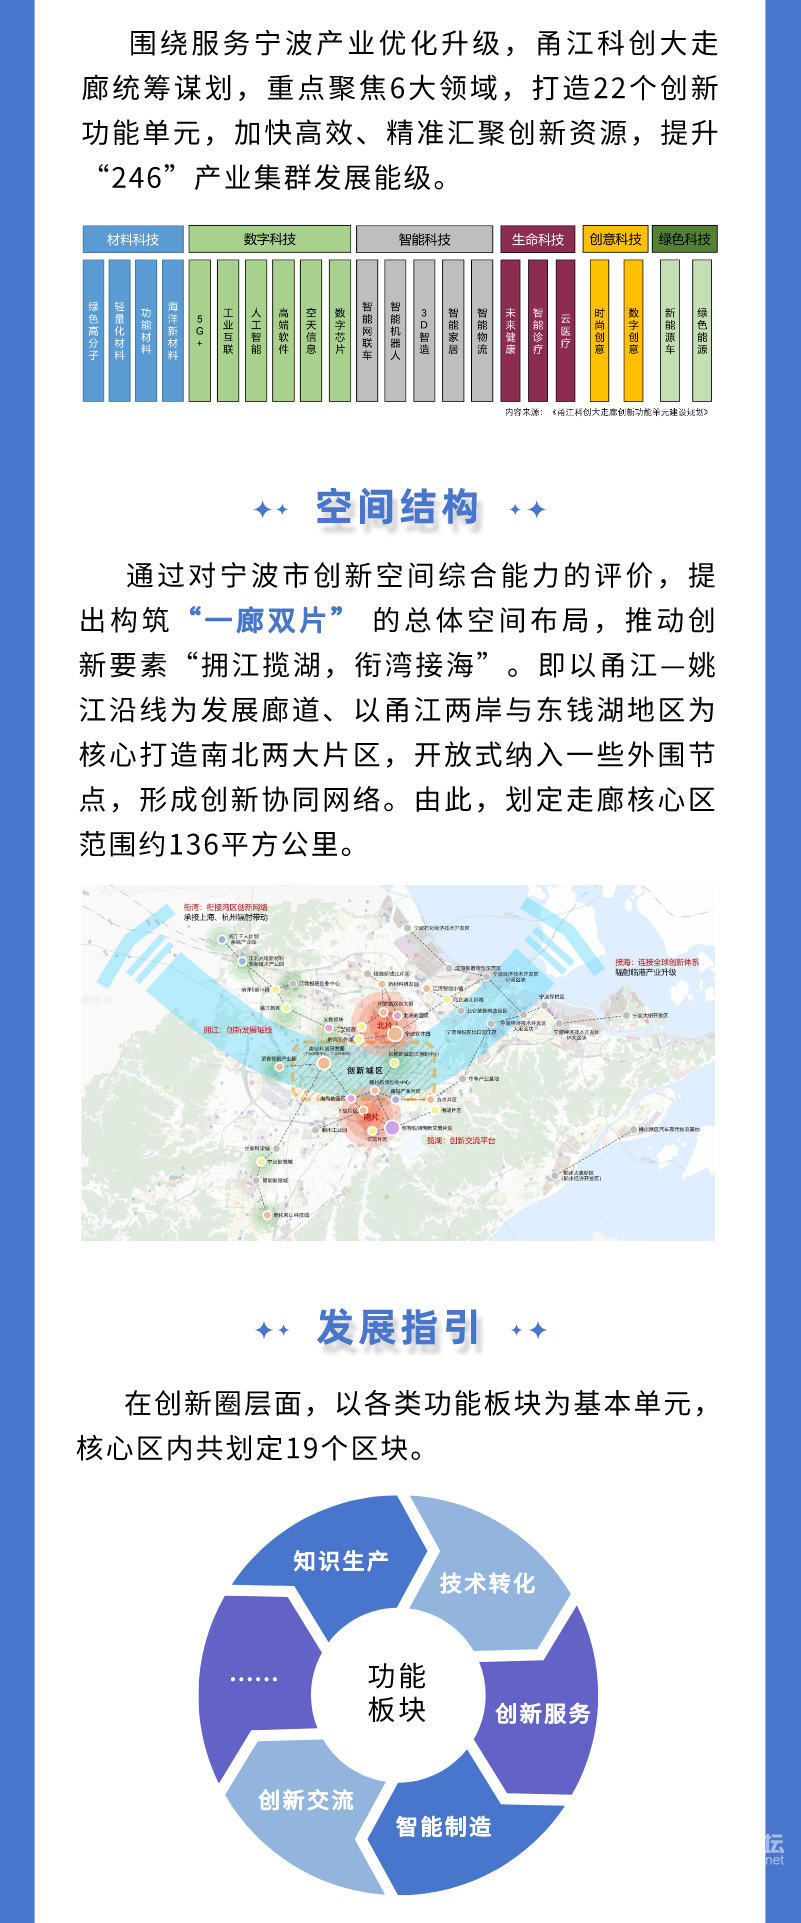 宁波甬江科创大走廊空间规划发布